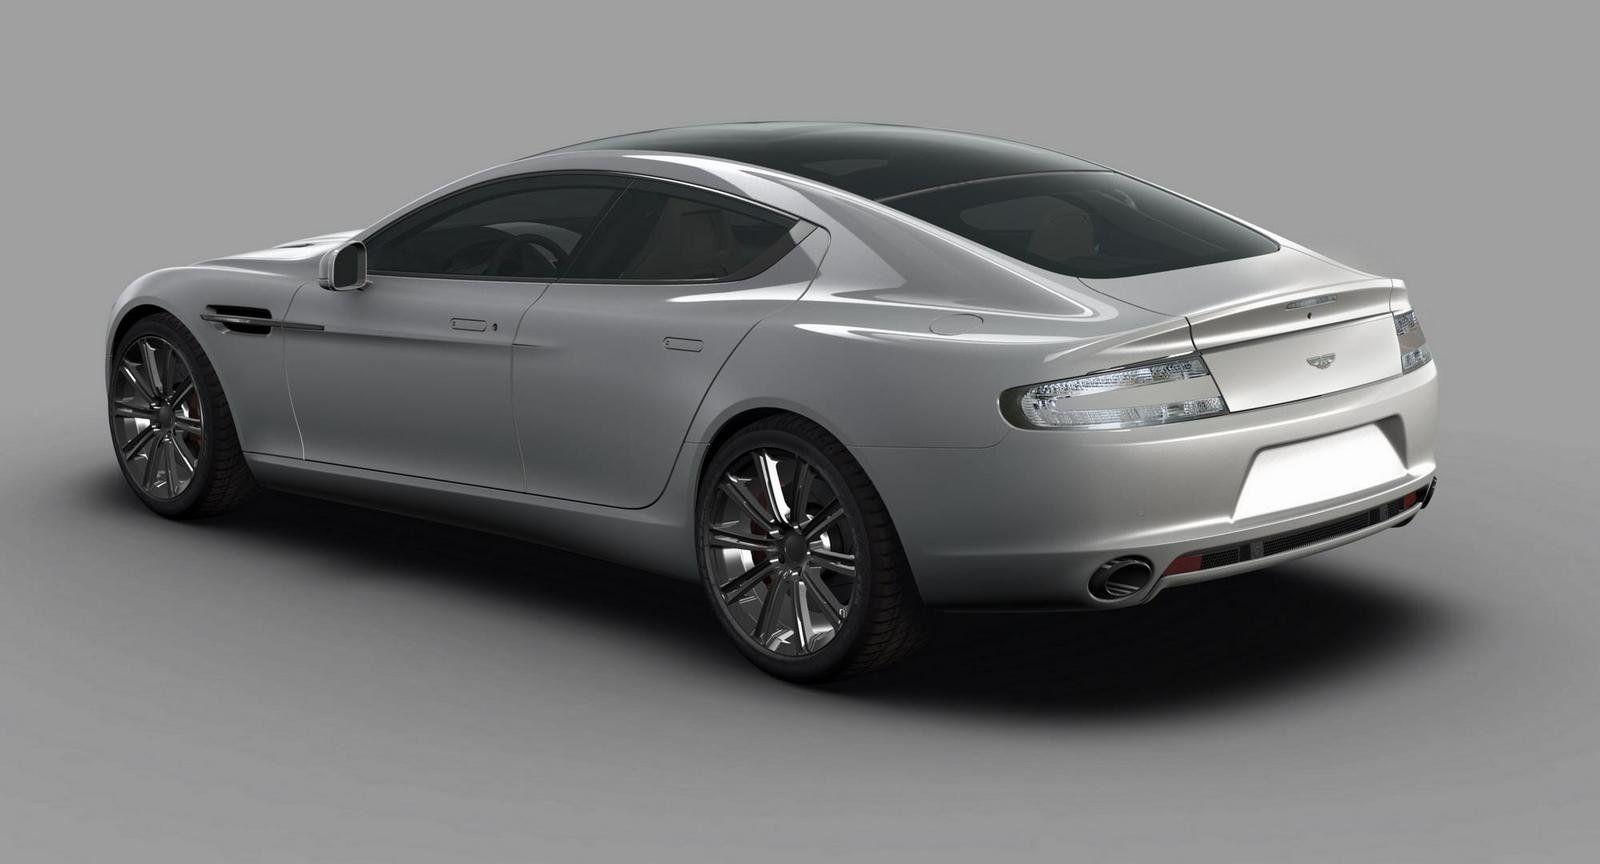 السيارات الاروع في نظري 2010-aston-martin-rapide-2_1600x0w